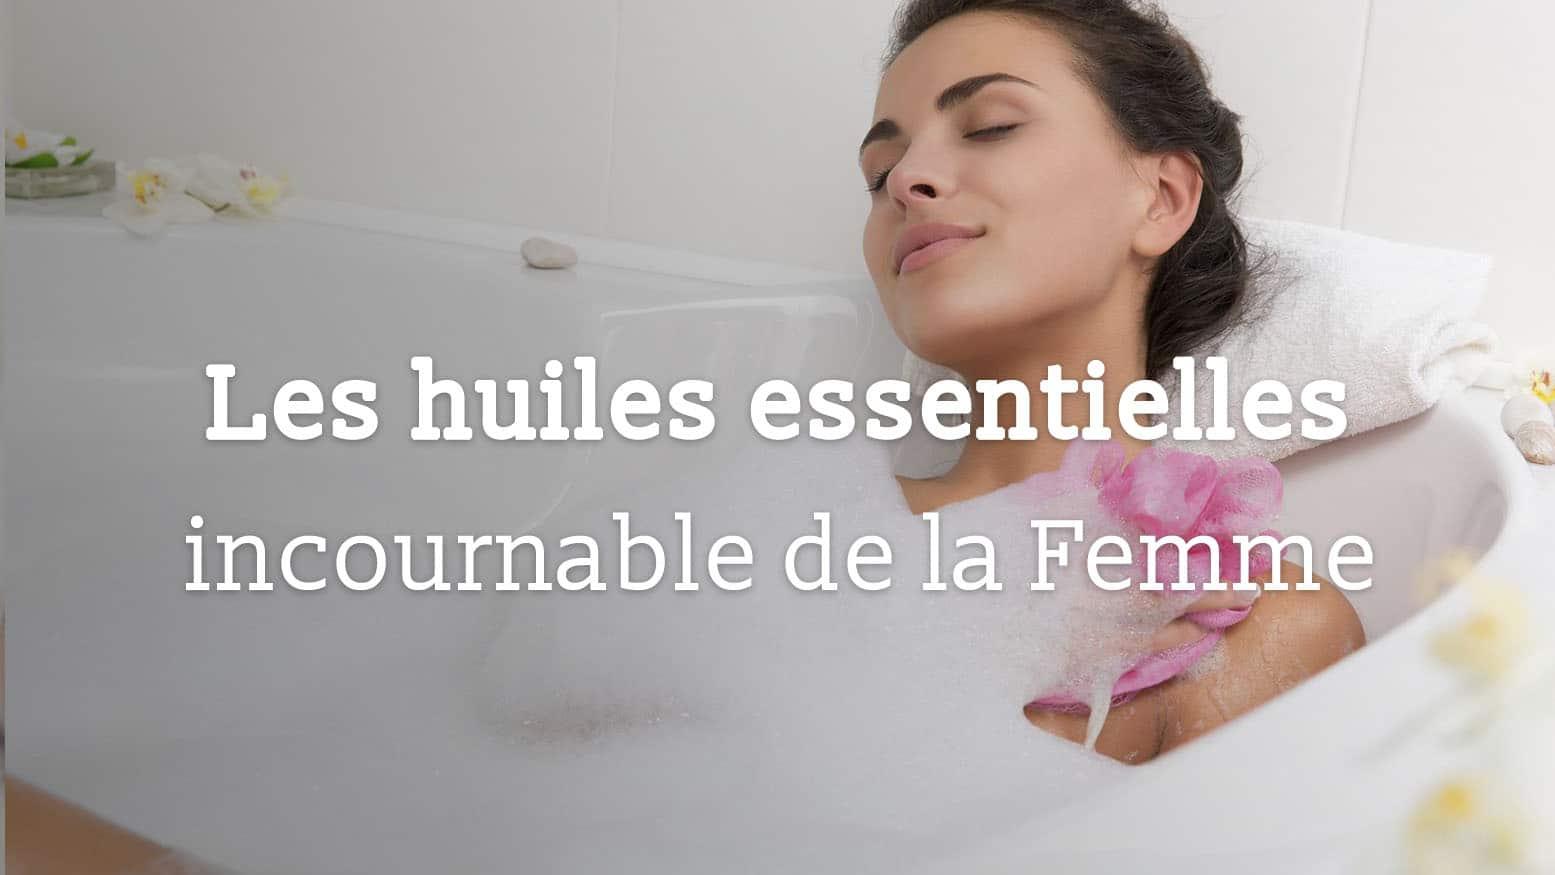 Les huiles essentielles incontournable de la Femme ! - Au